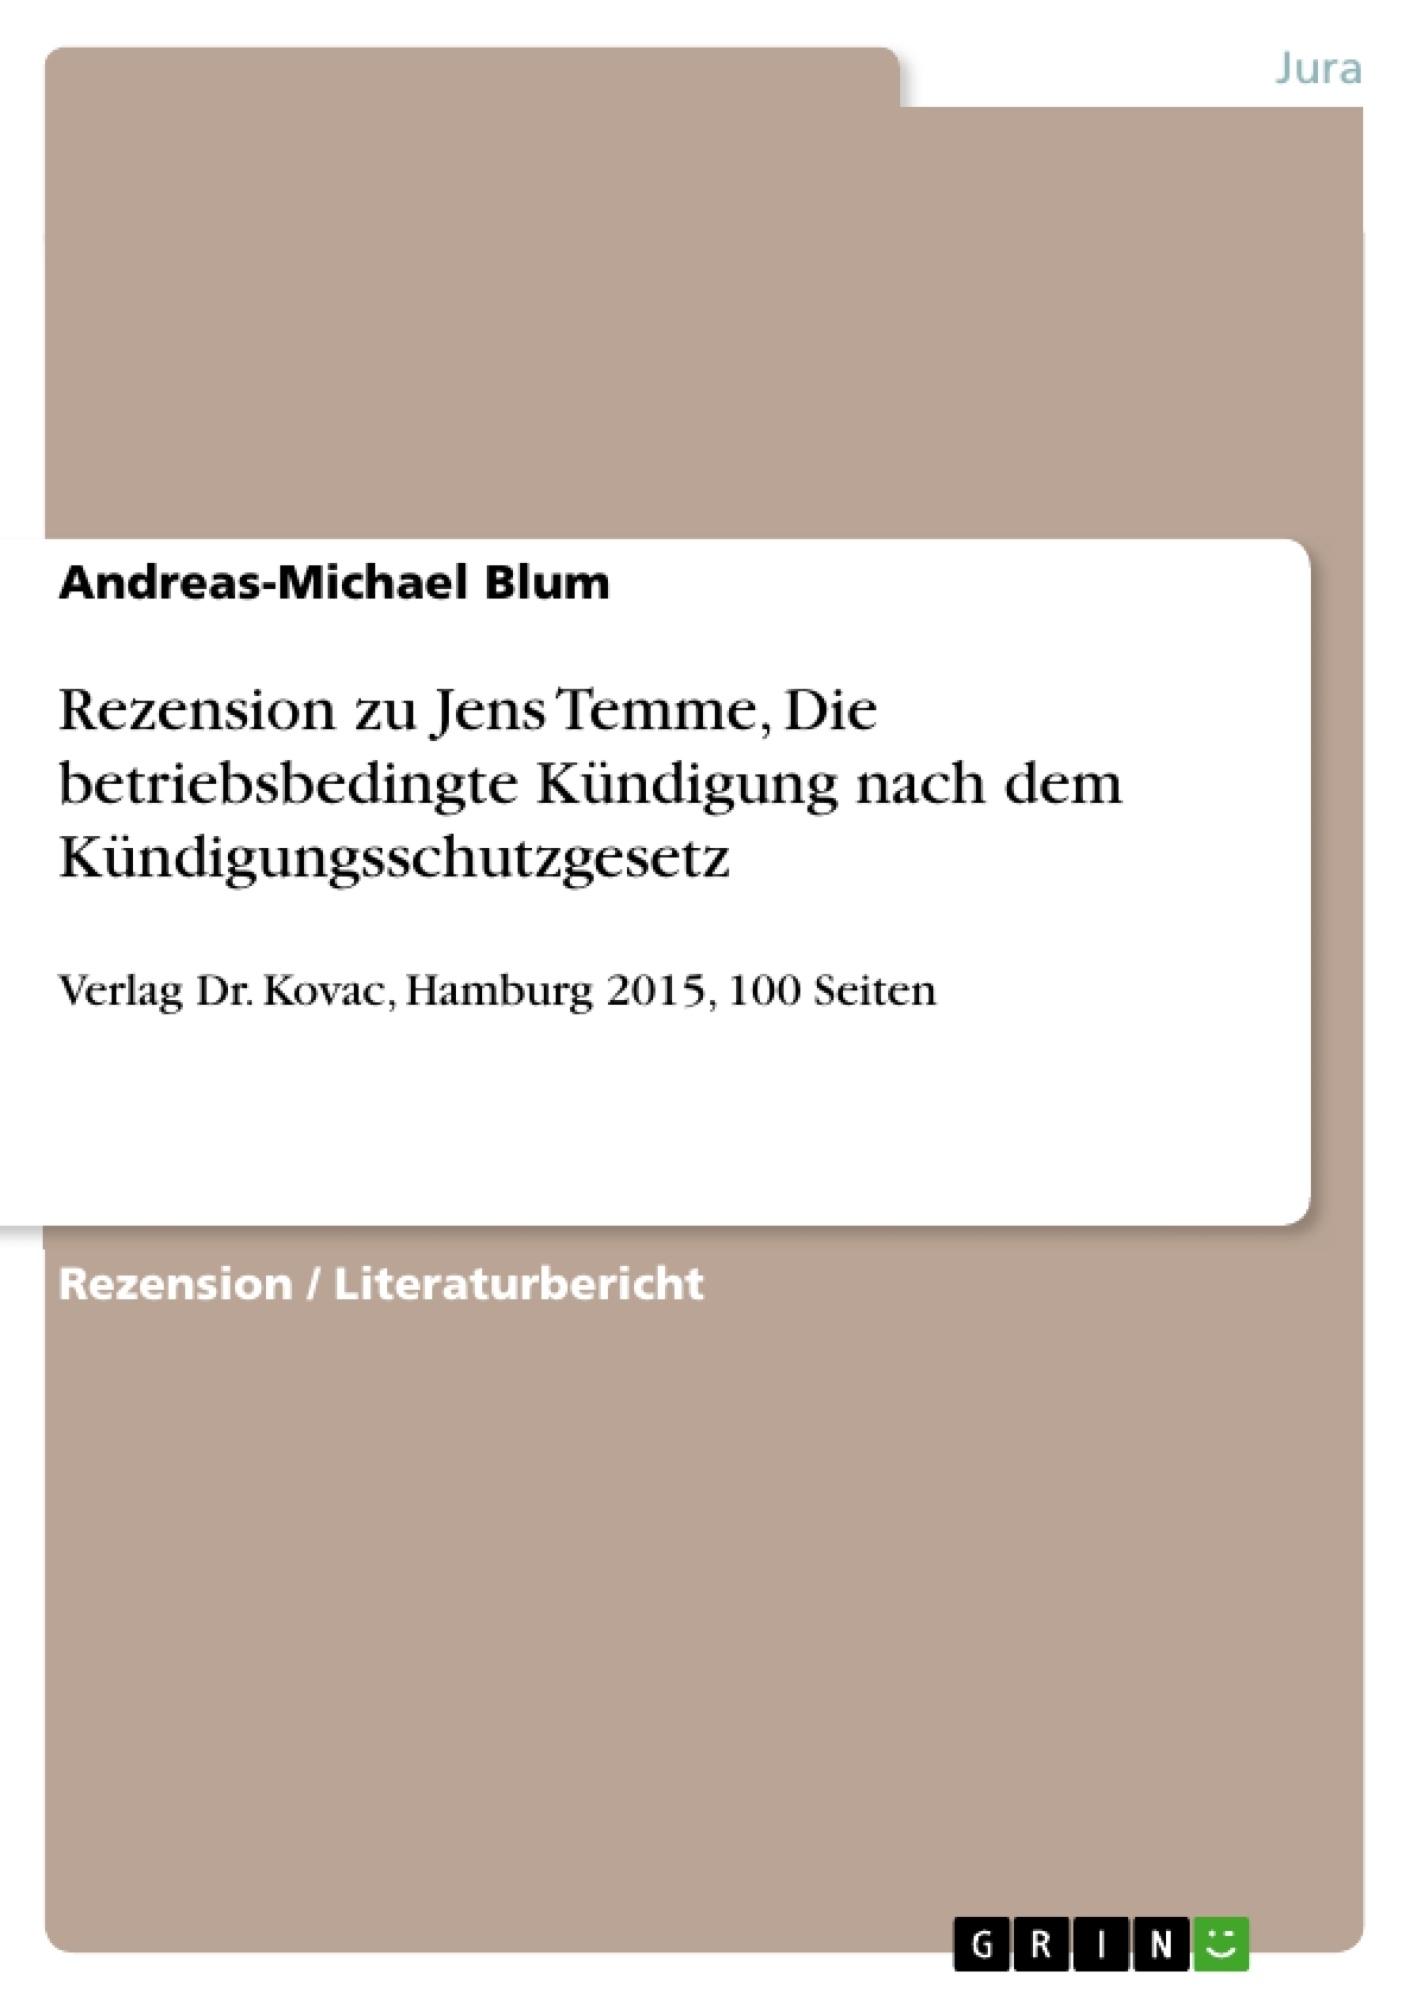 Titel: Rezension zu Jens Temme, Die betriebsbedingte Kündigung nach dem Kündigungsschutzgesetz